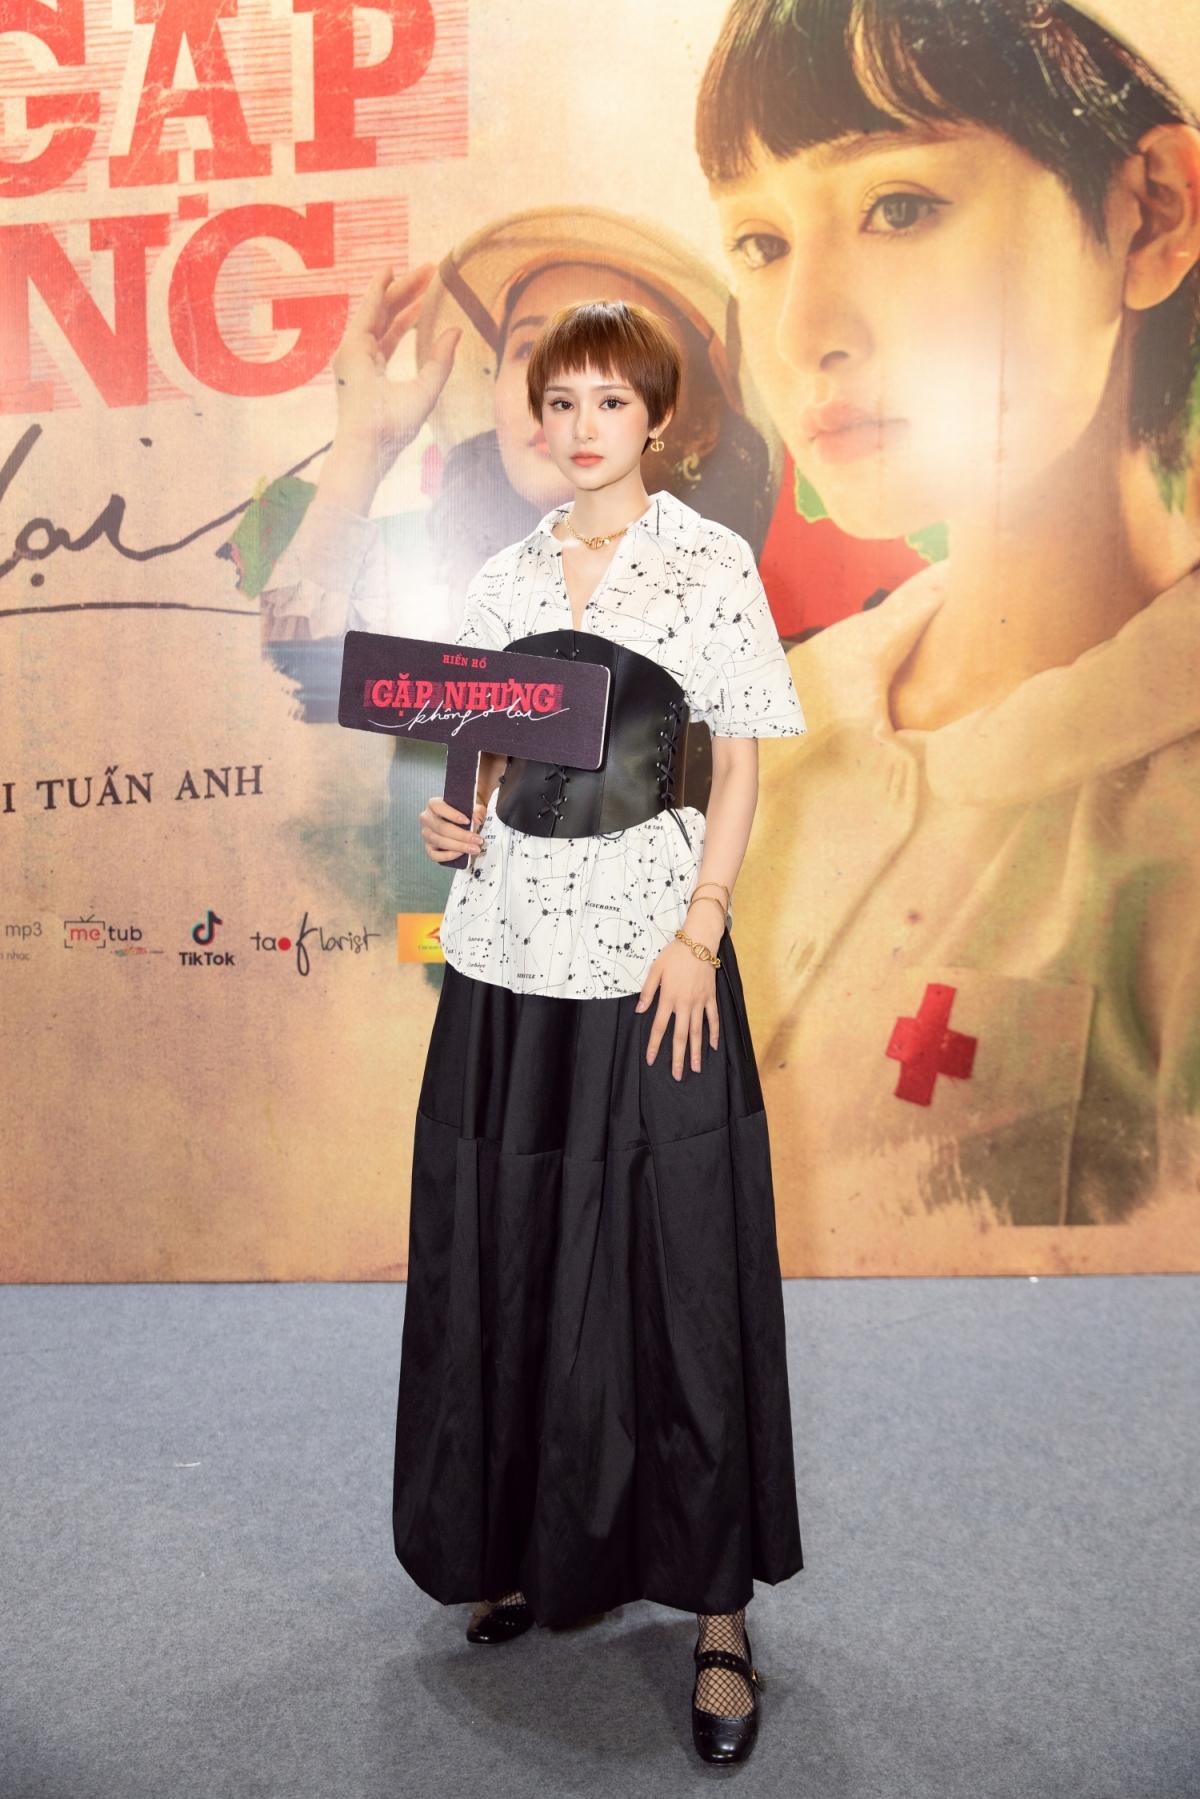 Xuất hiện trong buổi họp báo, Hiền Hồ diện nguyên một set váy áo, phụ kiện, giày của Dior.